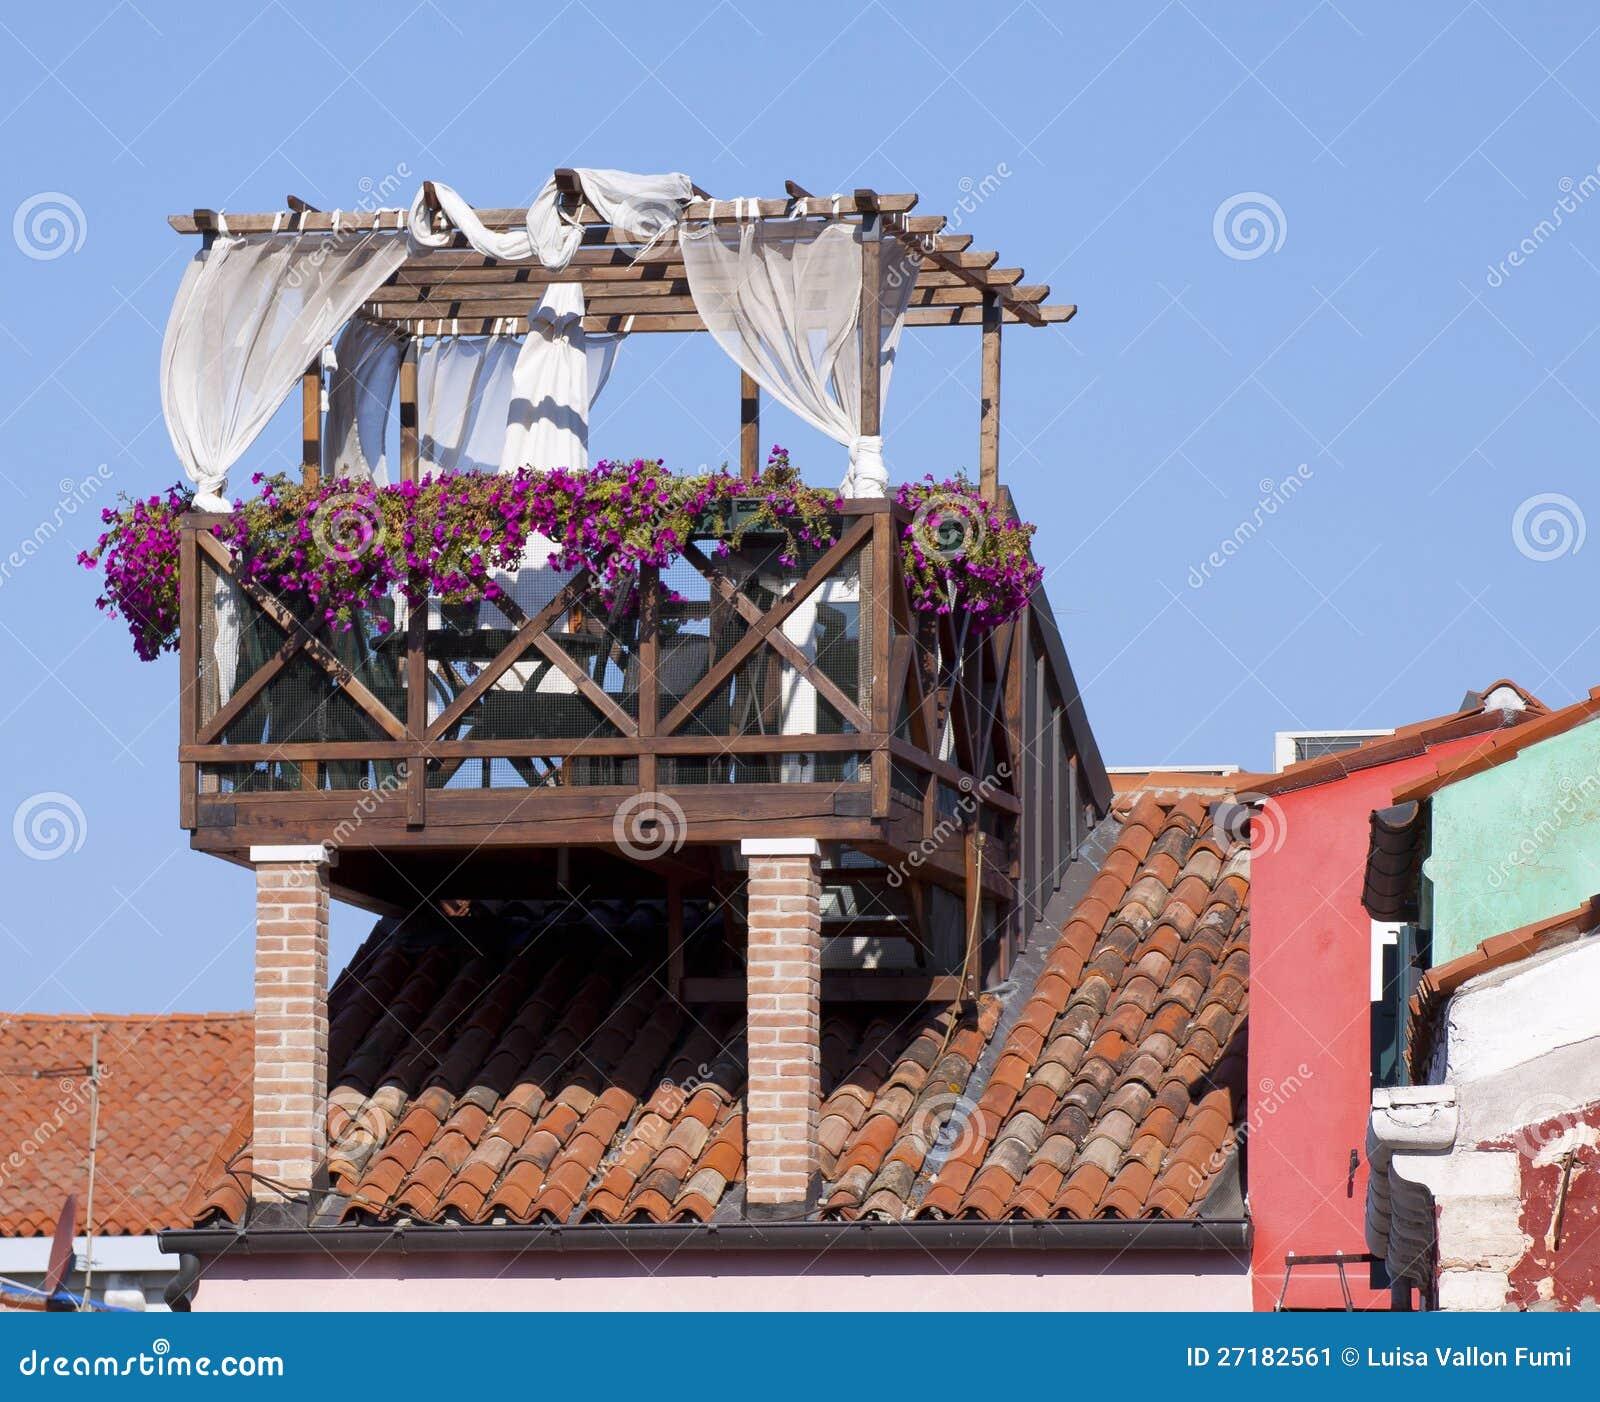 Venezia, Terrazzo Sul Tetto Immagine Stock - Immagine di tenda ...